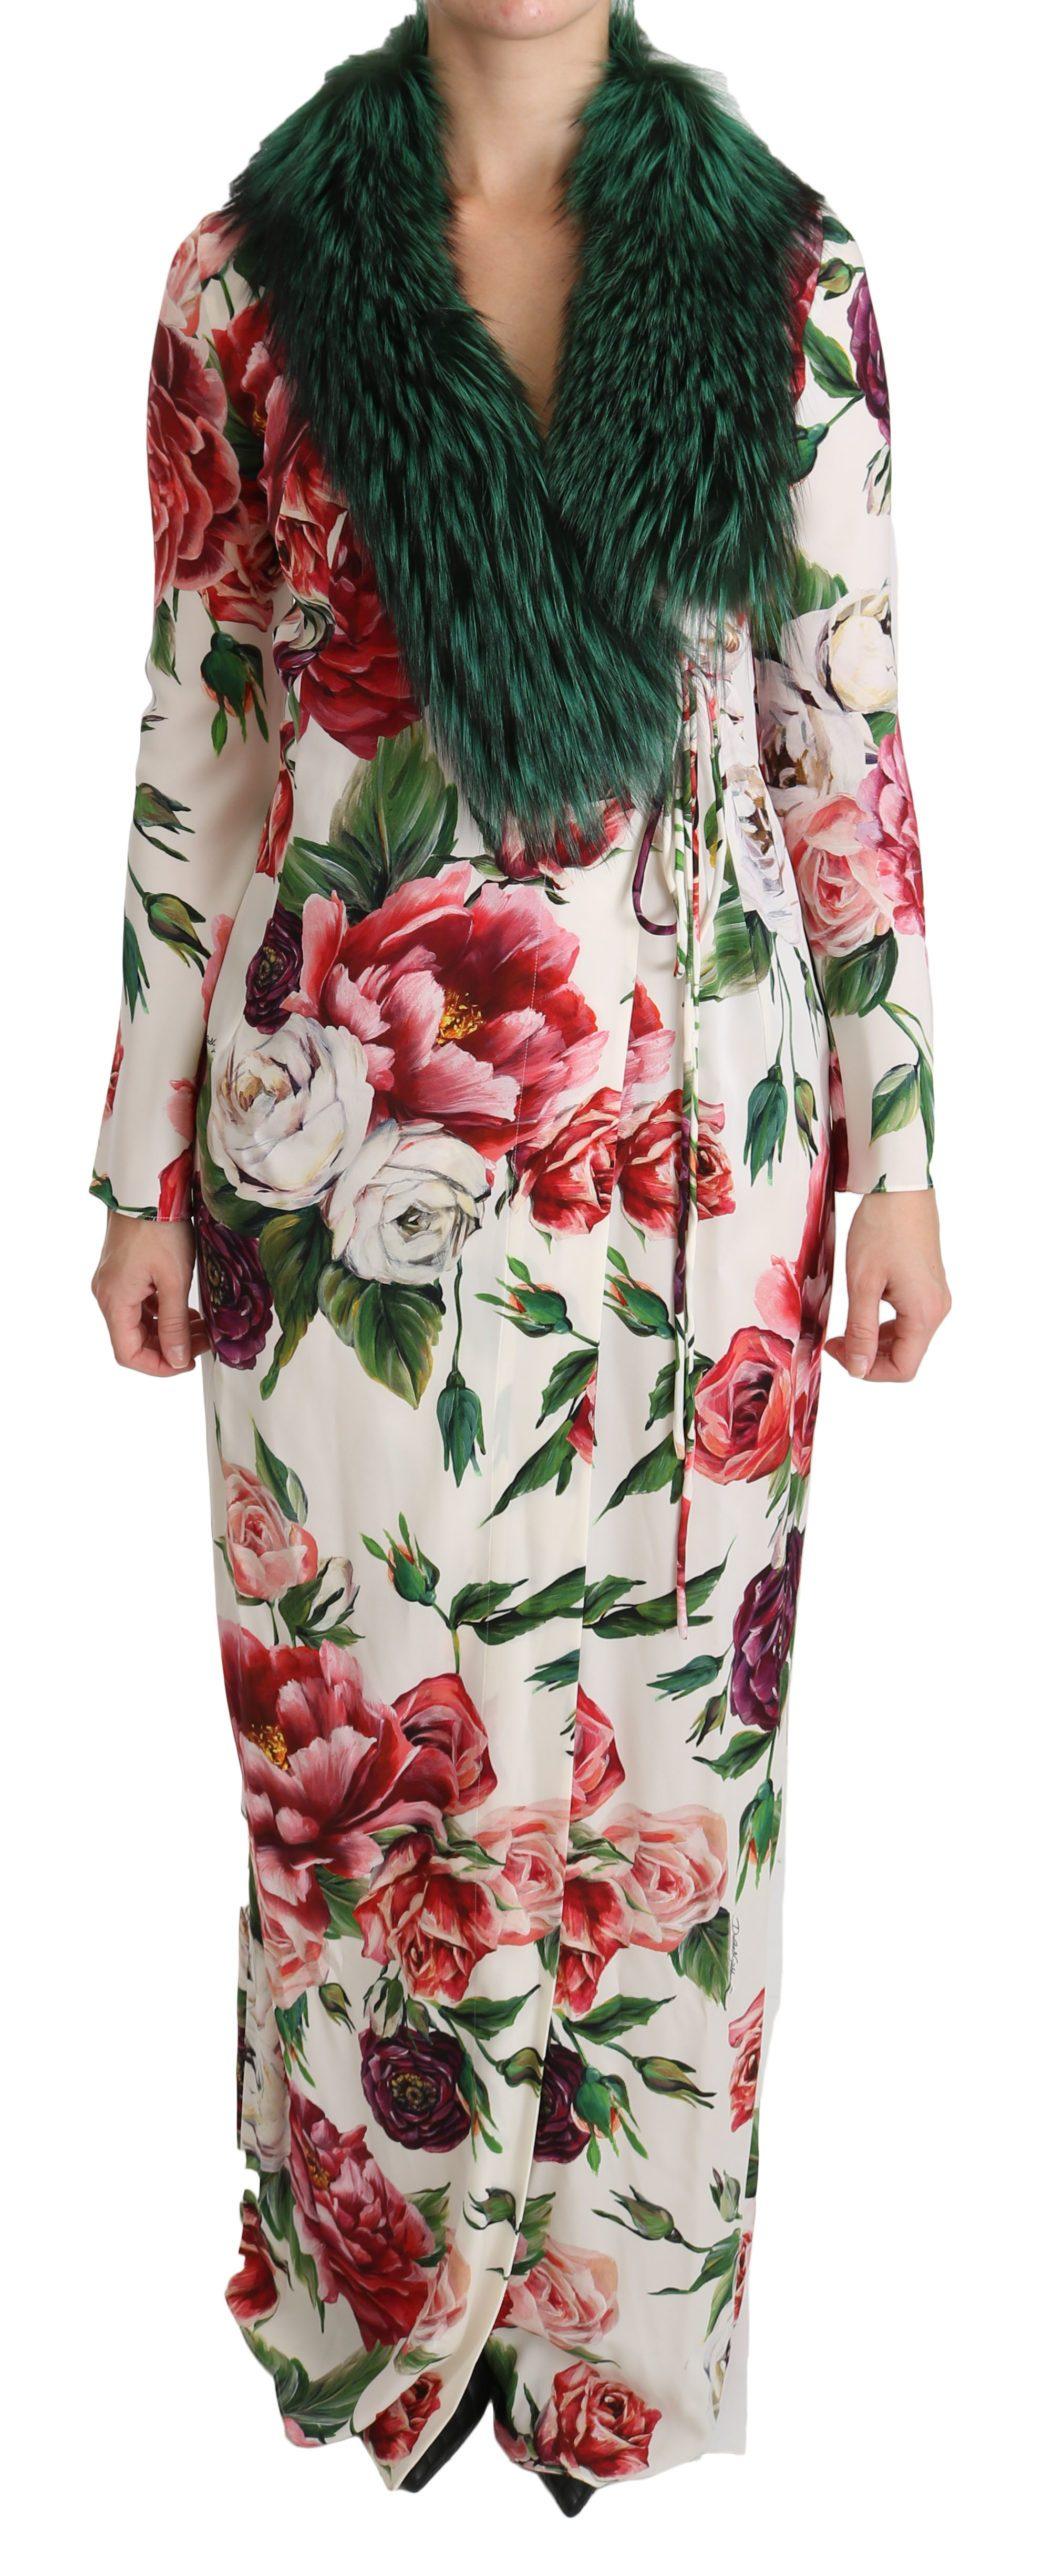 Dolce & Gabbana Women's Floral Shift Fur Silk Dress White DR2141 - IT36 | XS